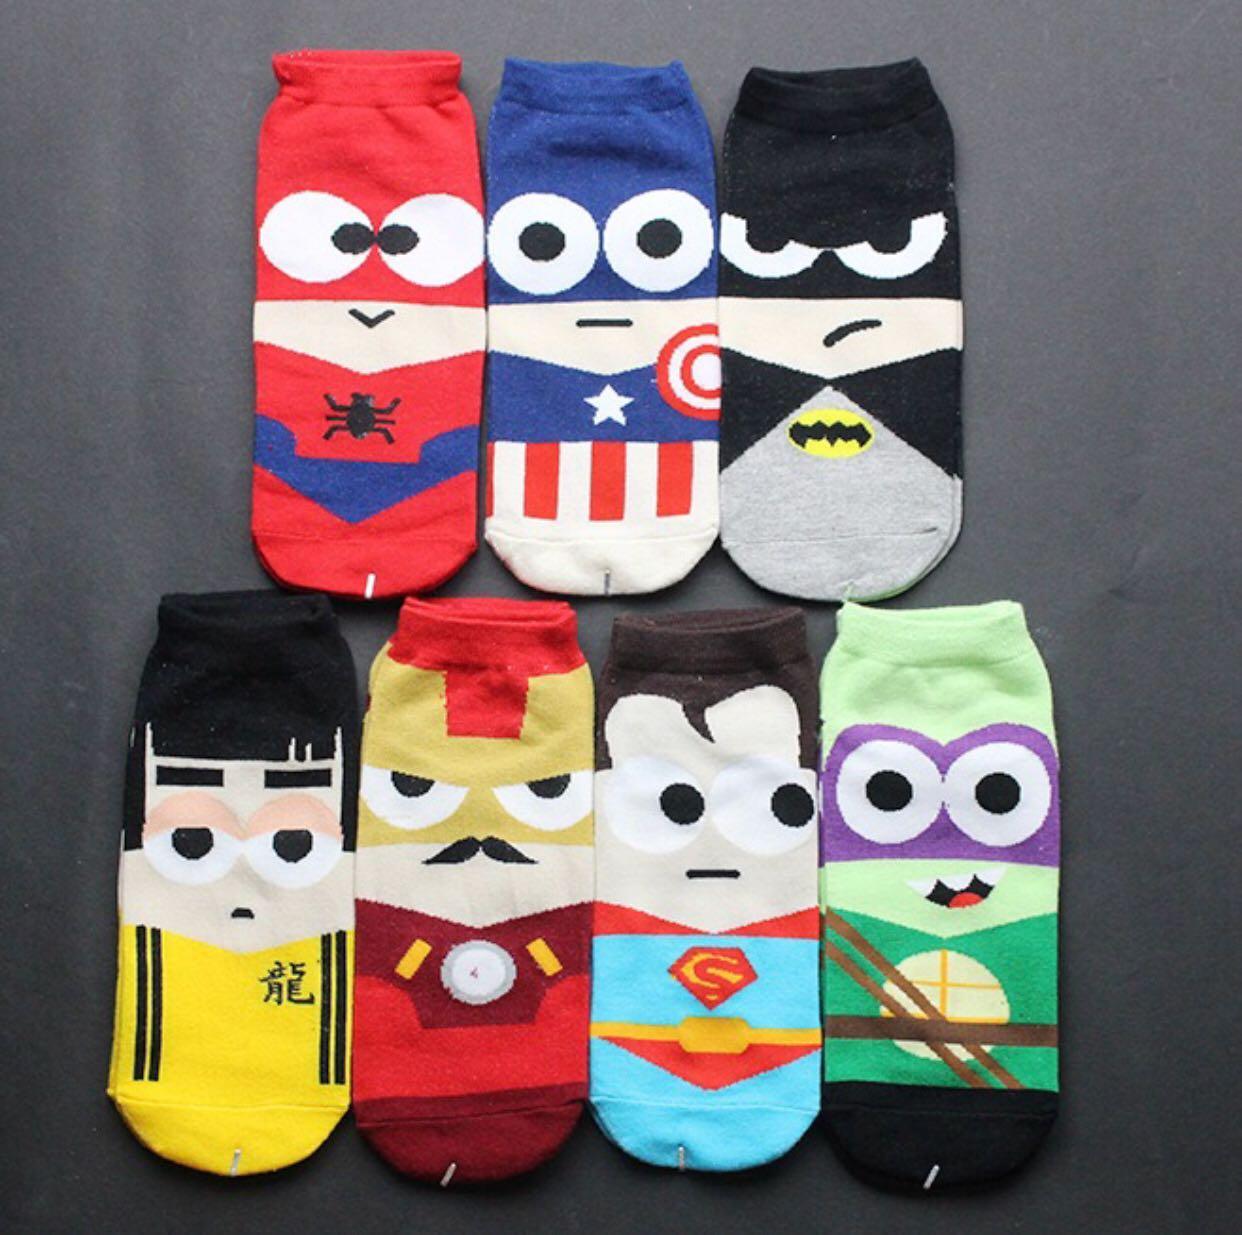 INSTOCK DC marvel superhero / superheroes socks cute unisex socks #1212